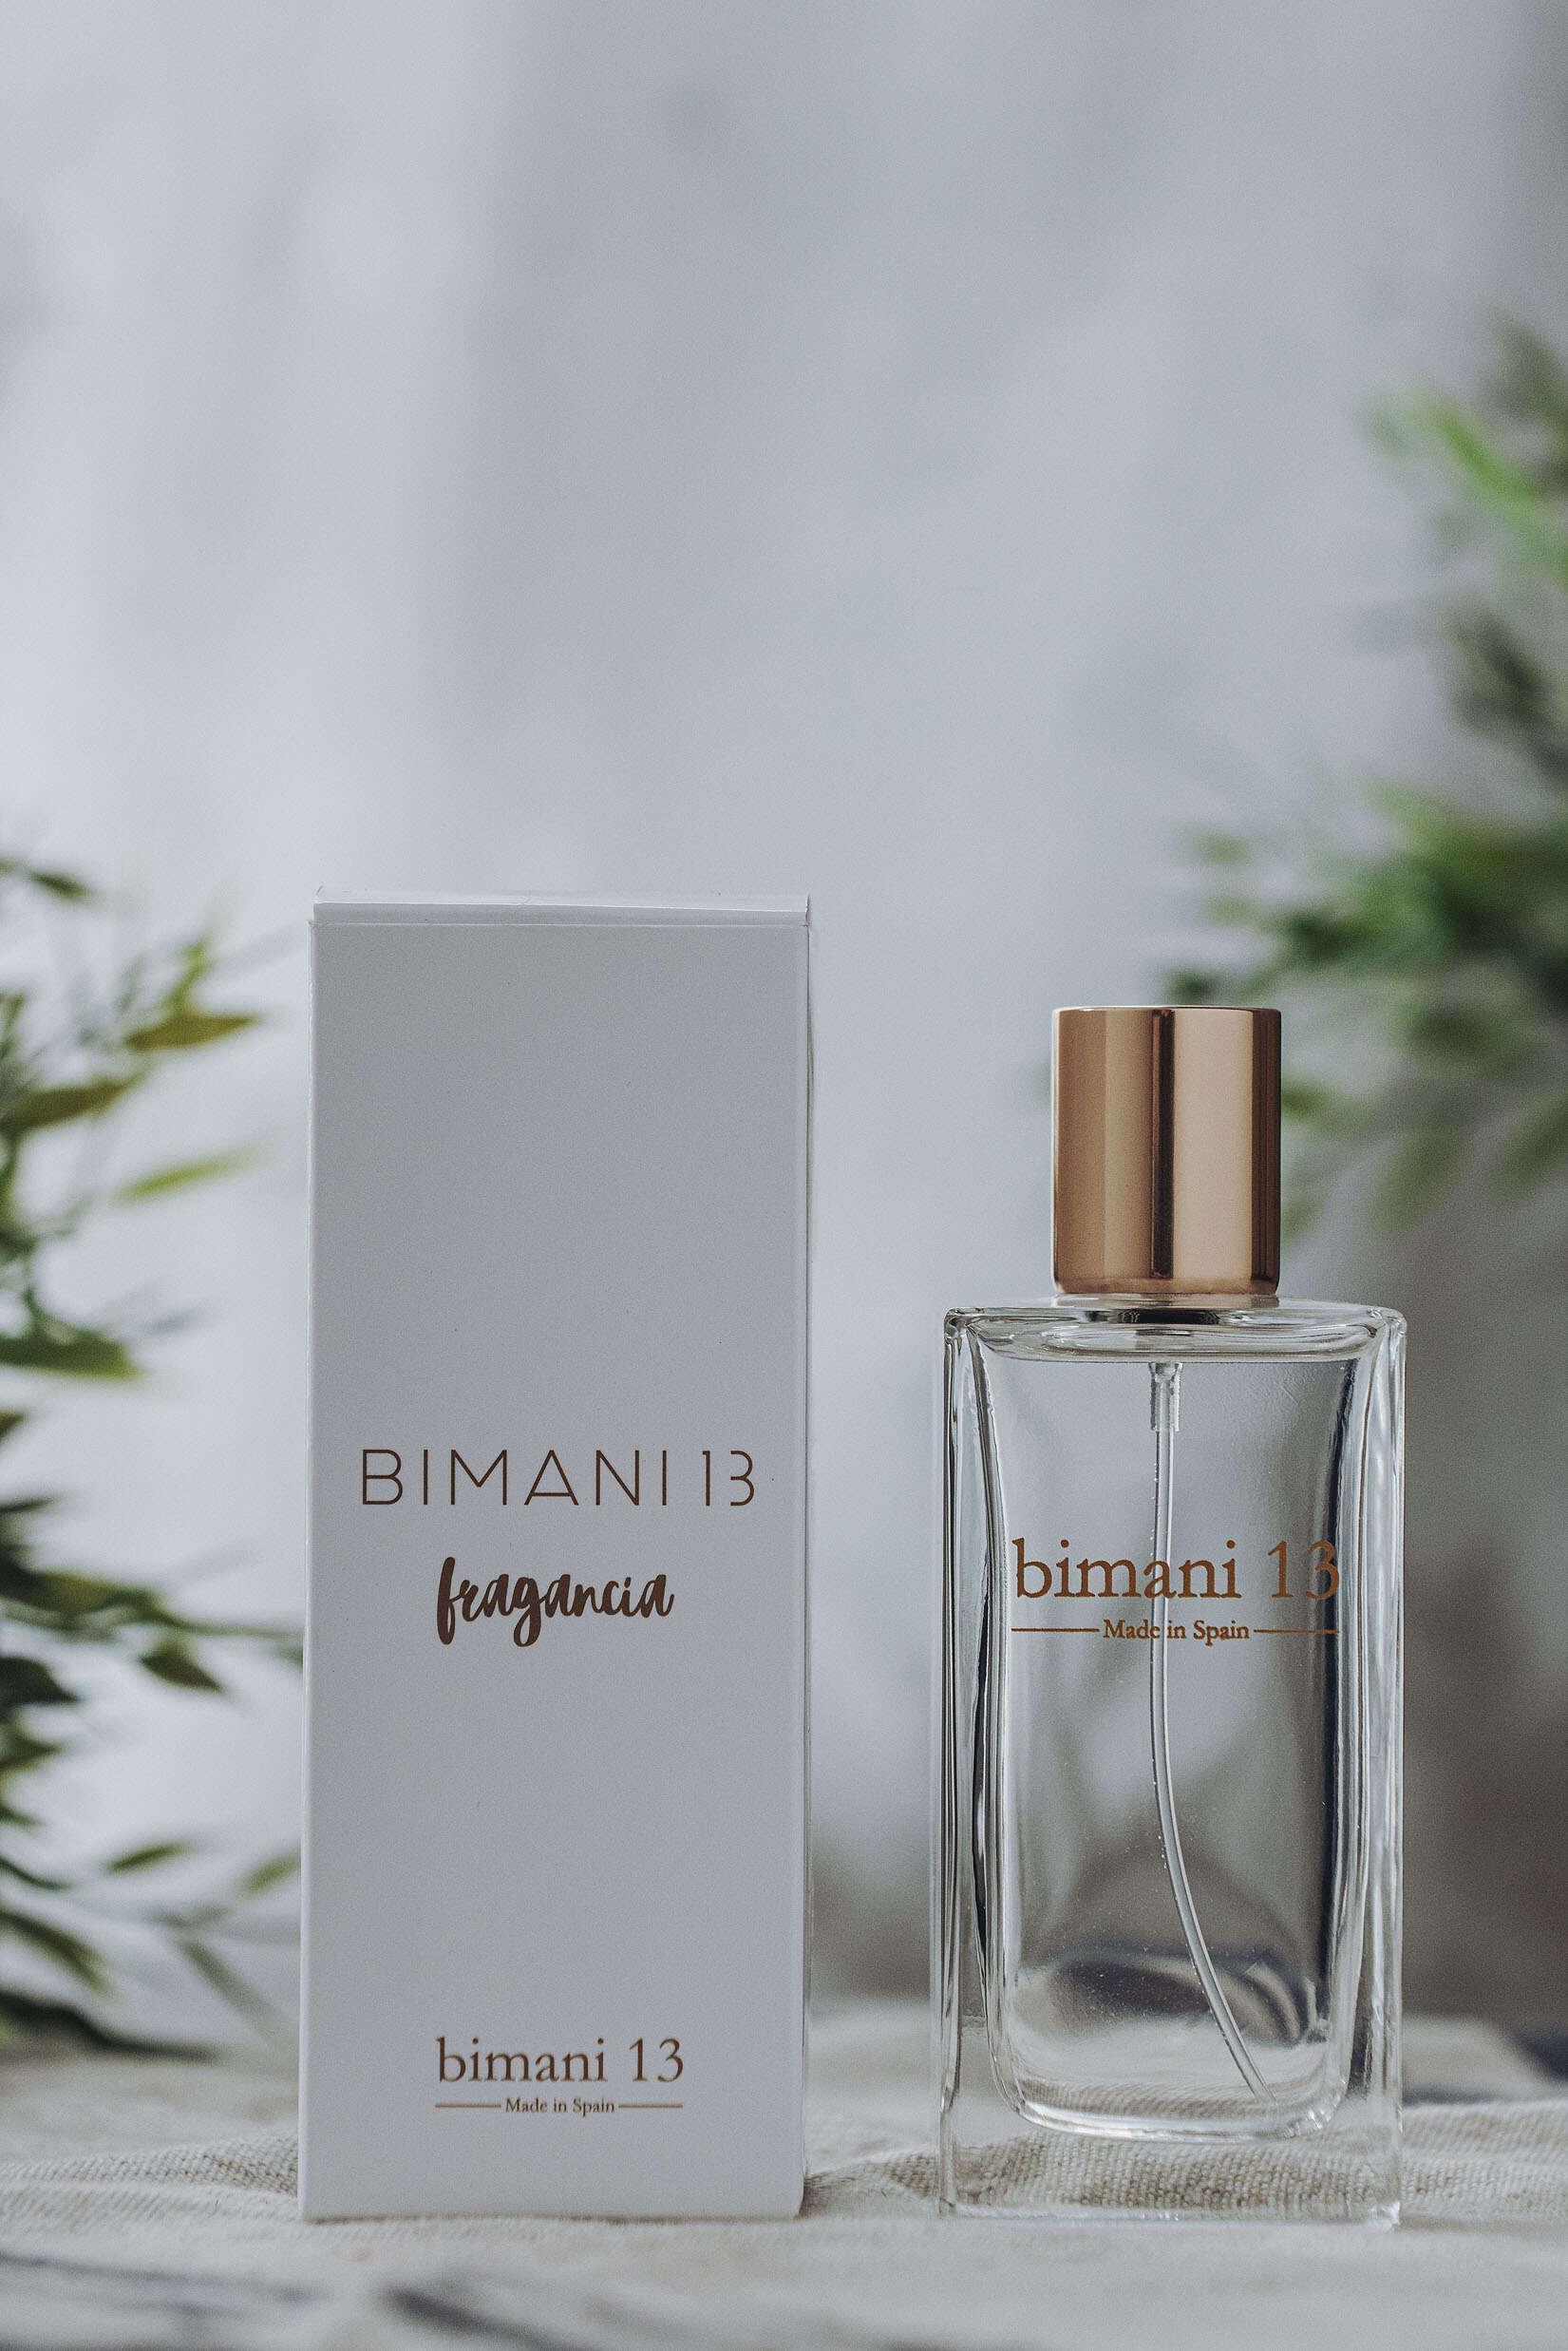 BIMANI, la marca de Laura Corsini, tiene fragancia propia